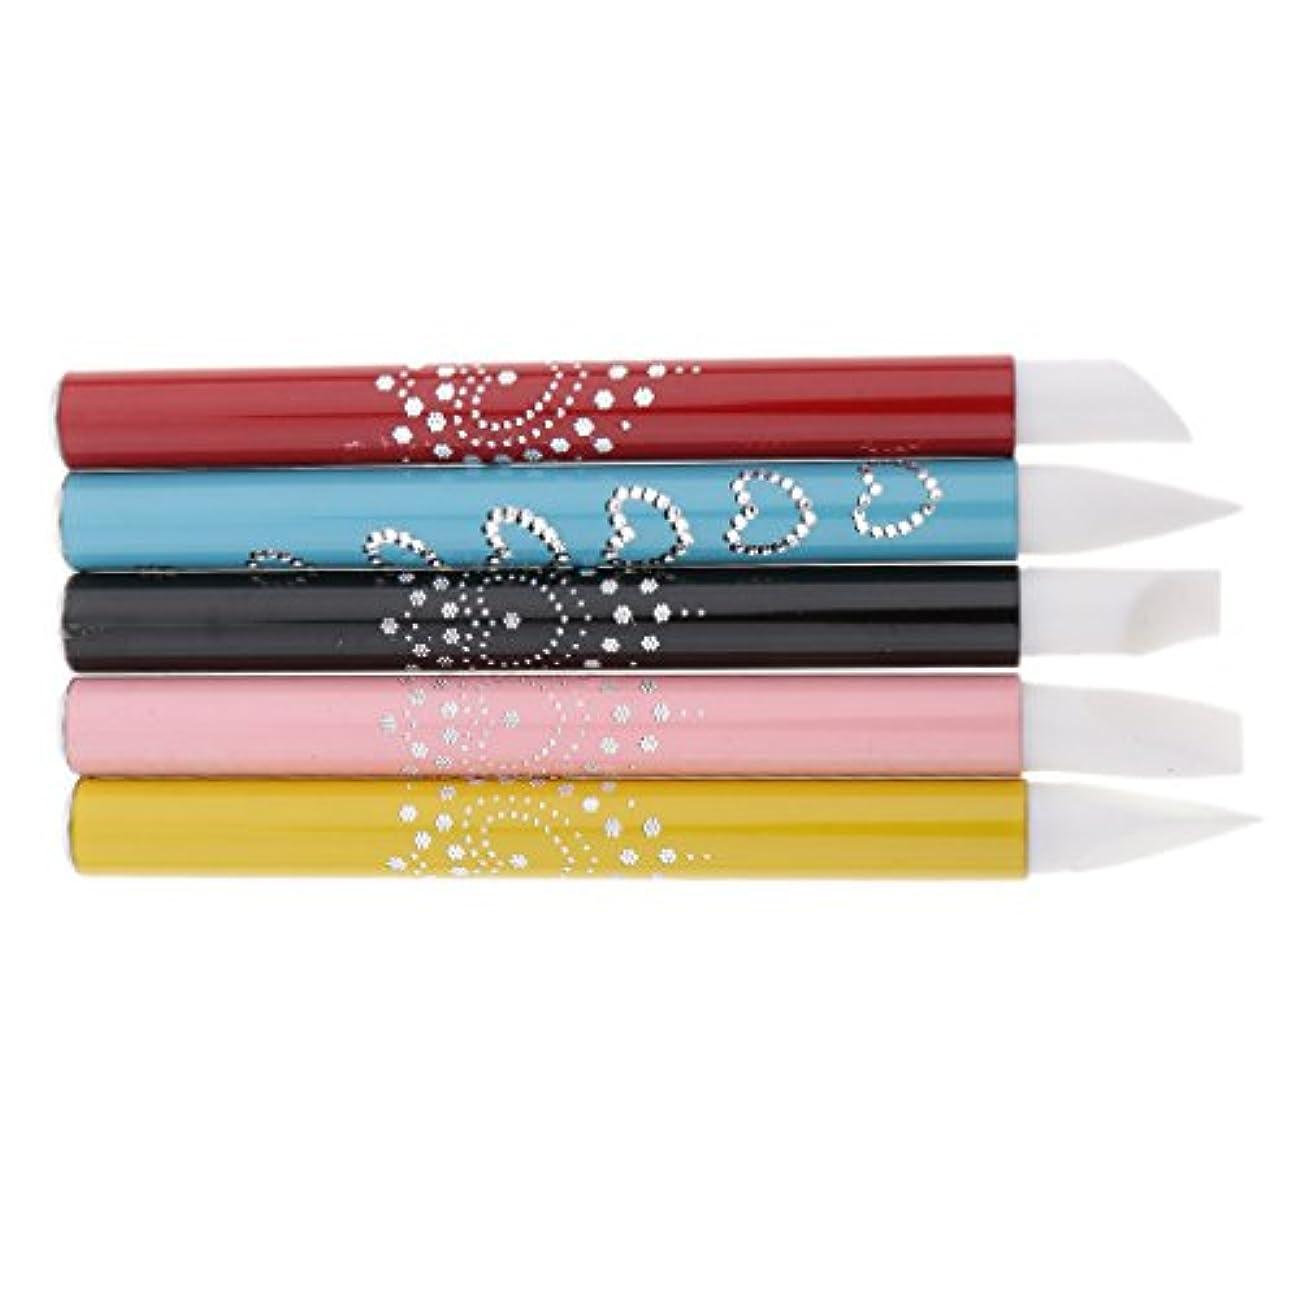 弾薬好ましい競う5個 ネイルアート ネイルペン ネイルブラシ シリコンチップ ブラシチップ 彫刻ペン アルミハンドル 繊細なデザイン プレゼント